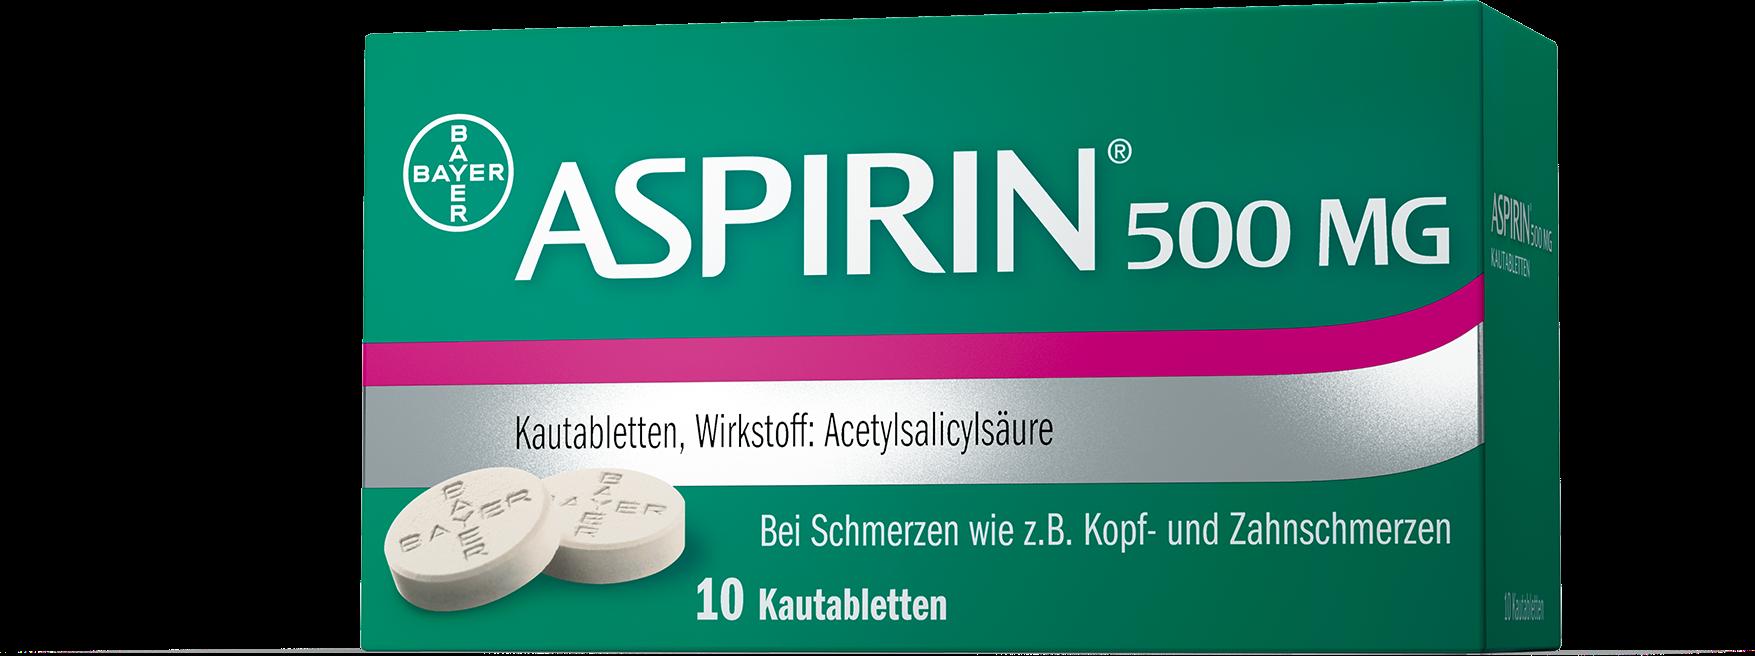 Aspirin 500 mg - Kautabletten